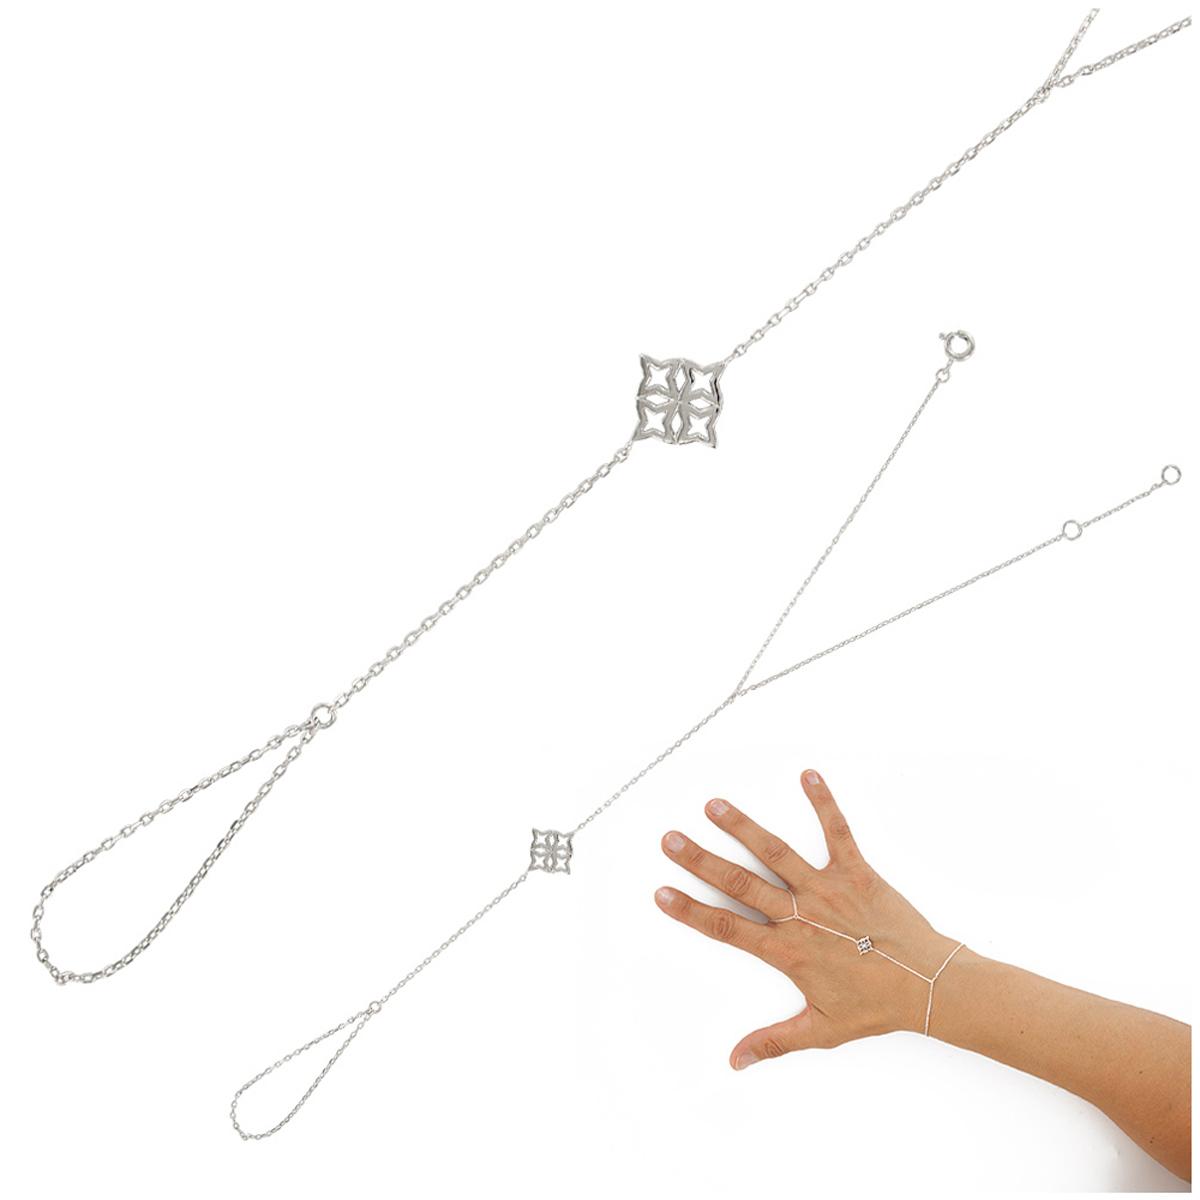 Bracelet bague argent \'Boho\' argenté (rhodié) - 12x12 mm - [Q9362]